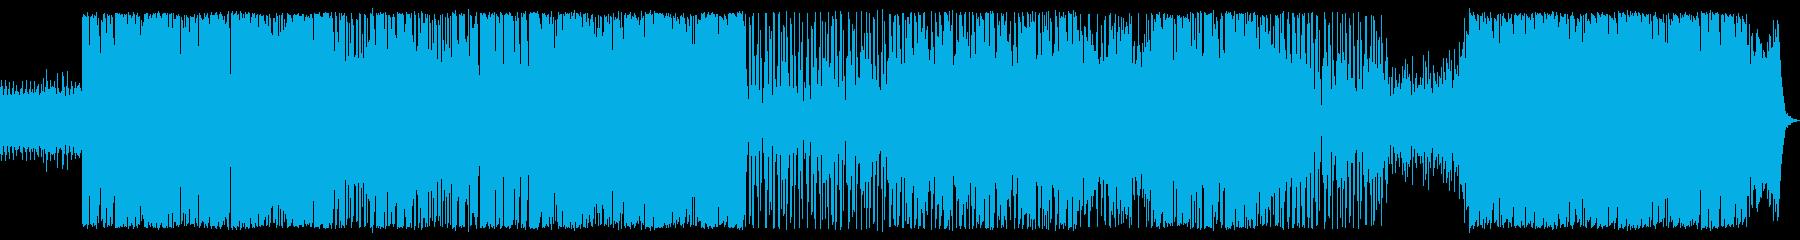 ファンキーで現代的なダンスミュージックの再生済みの波形